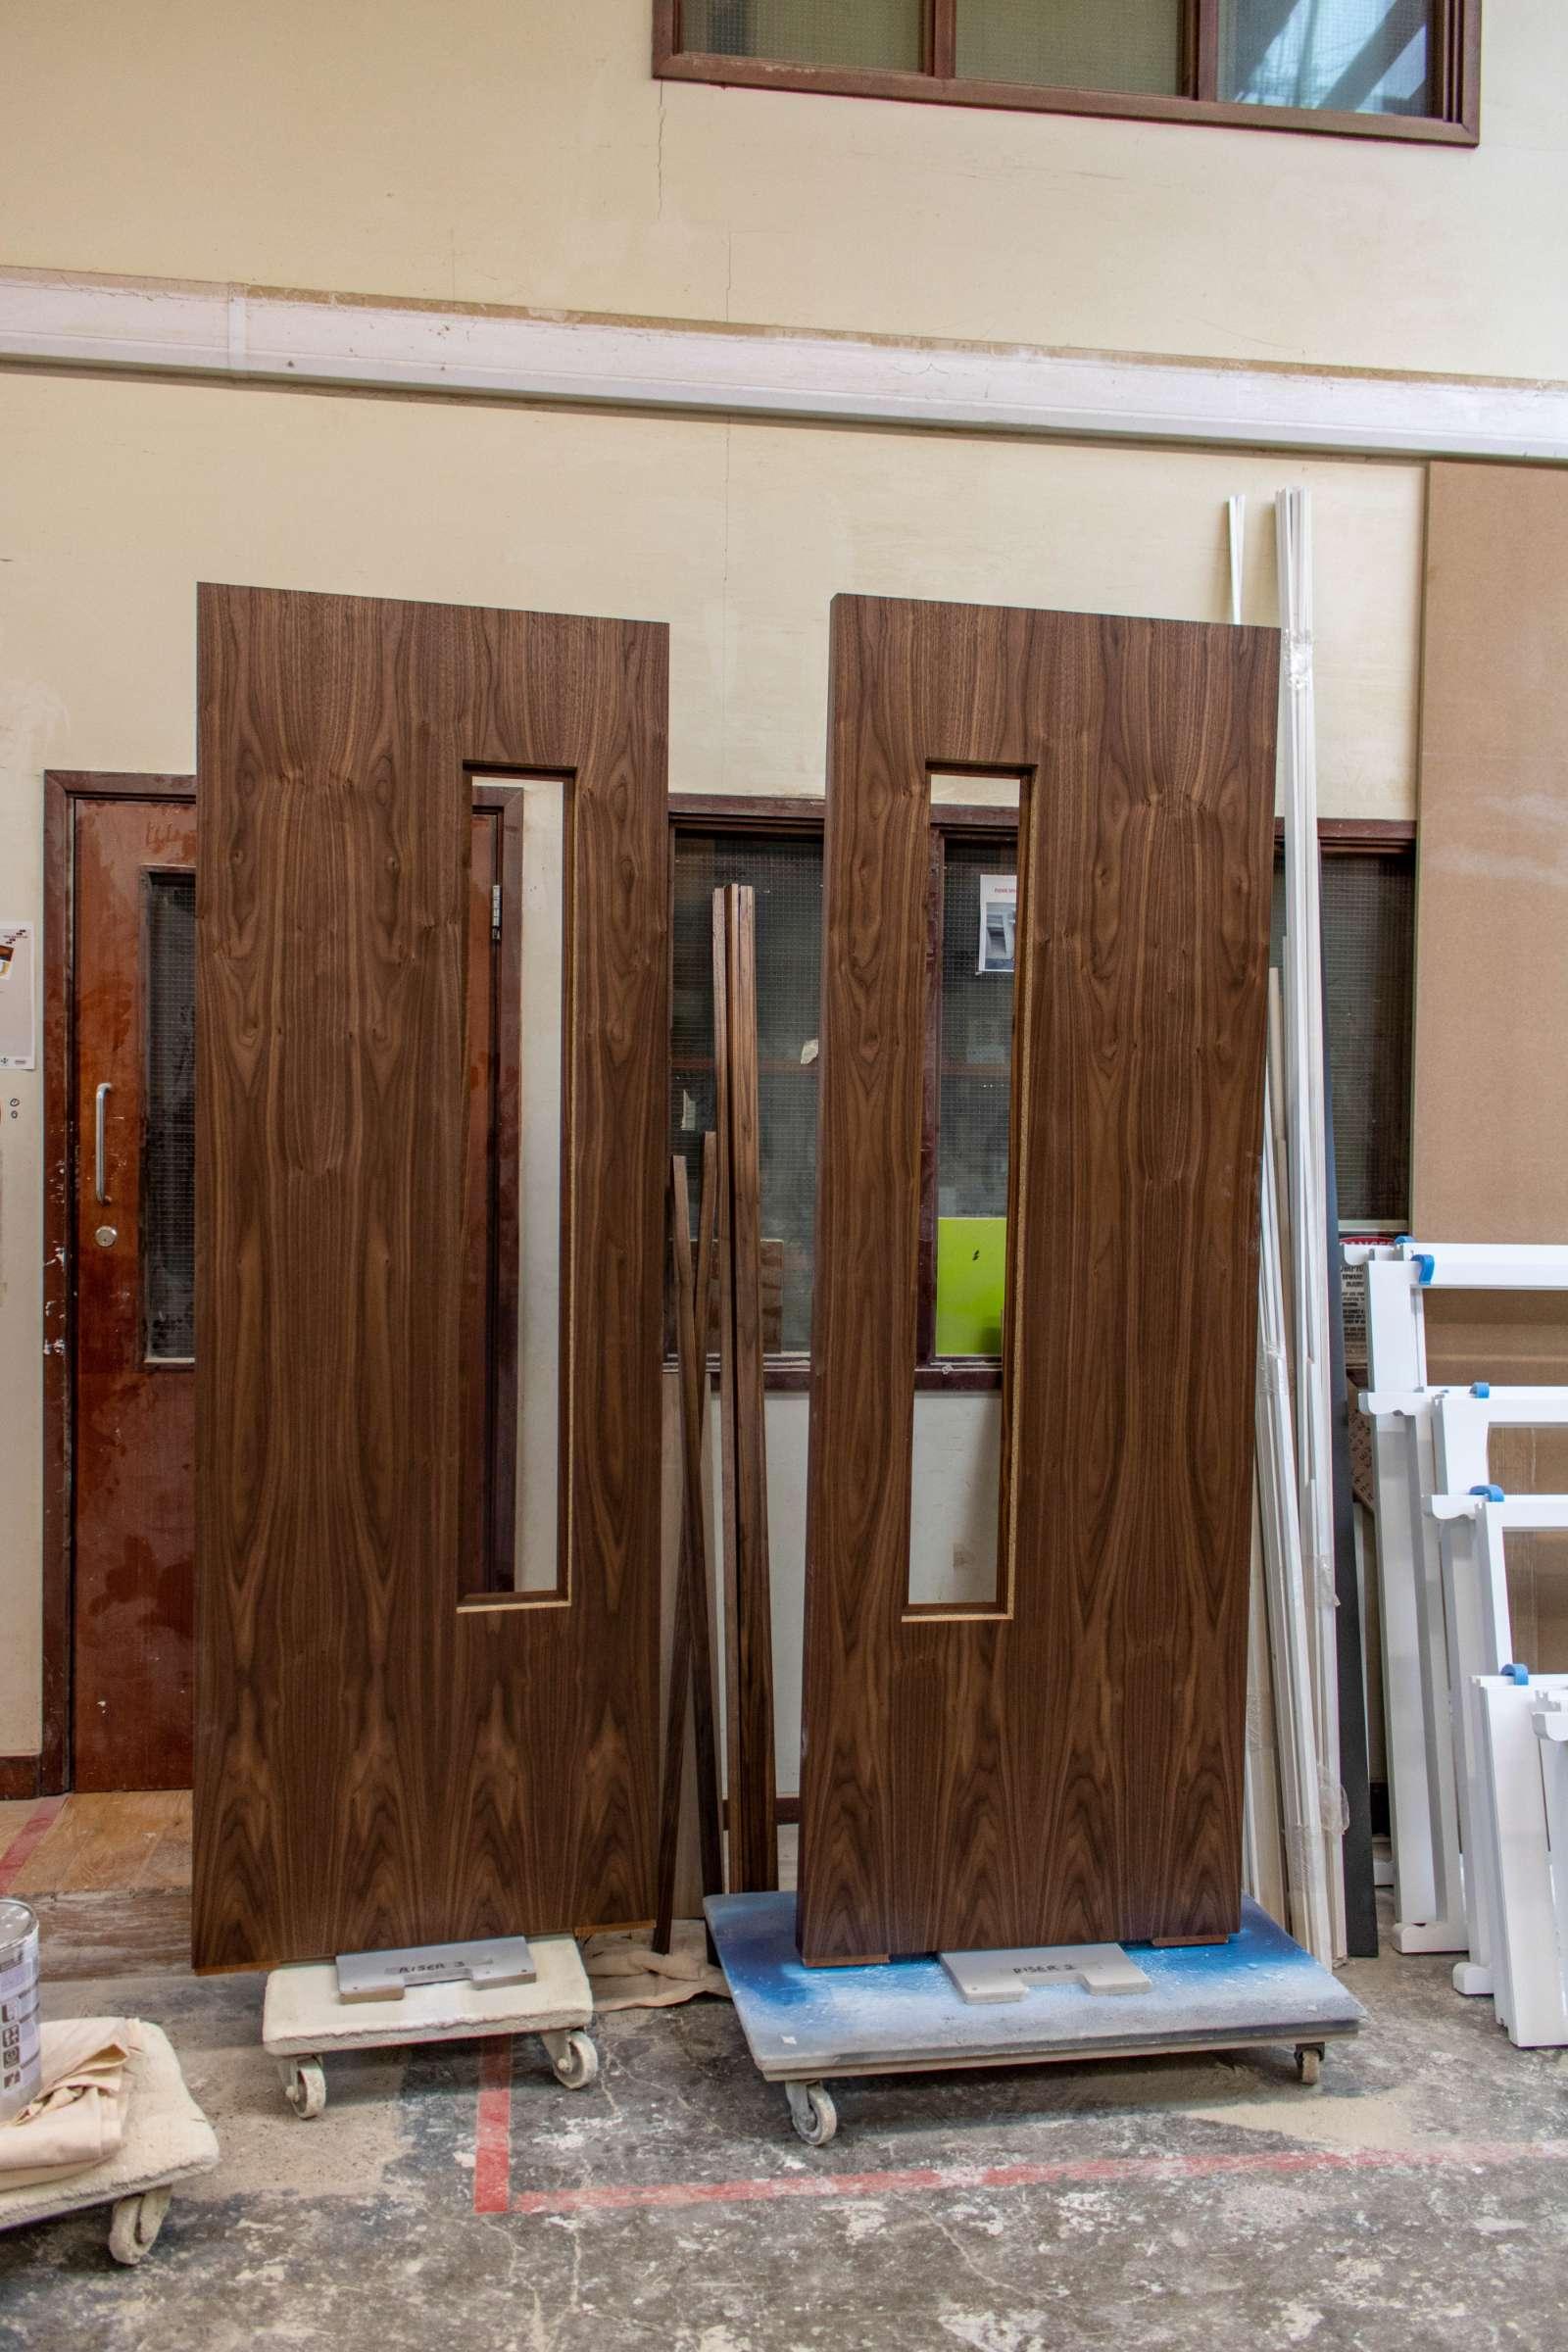 Kandd polished door